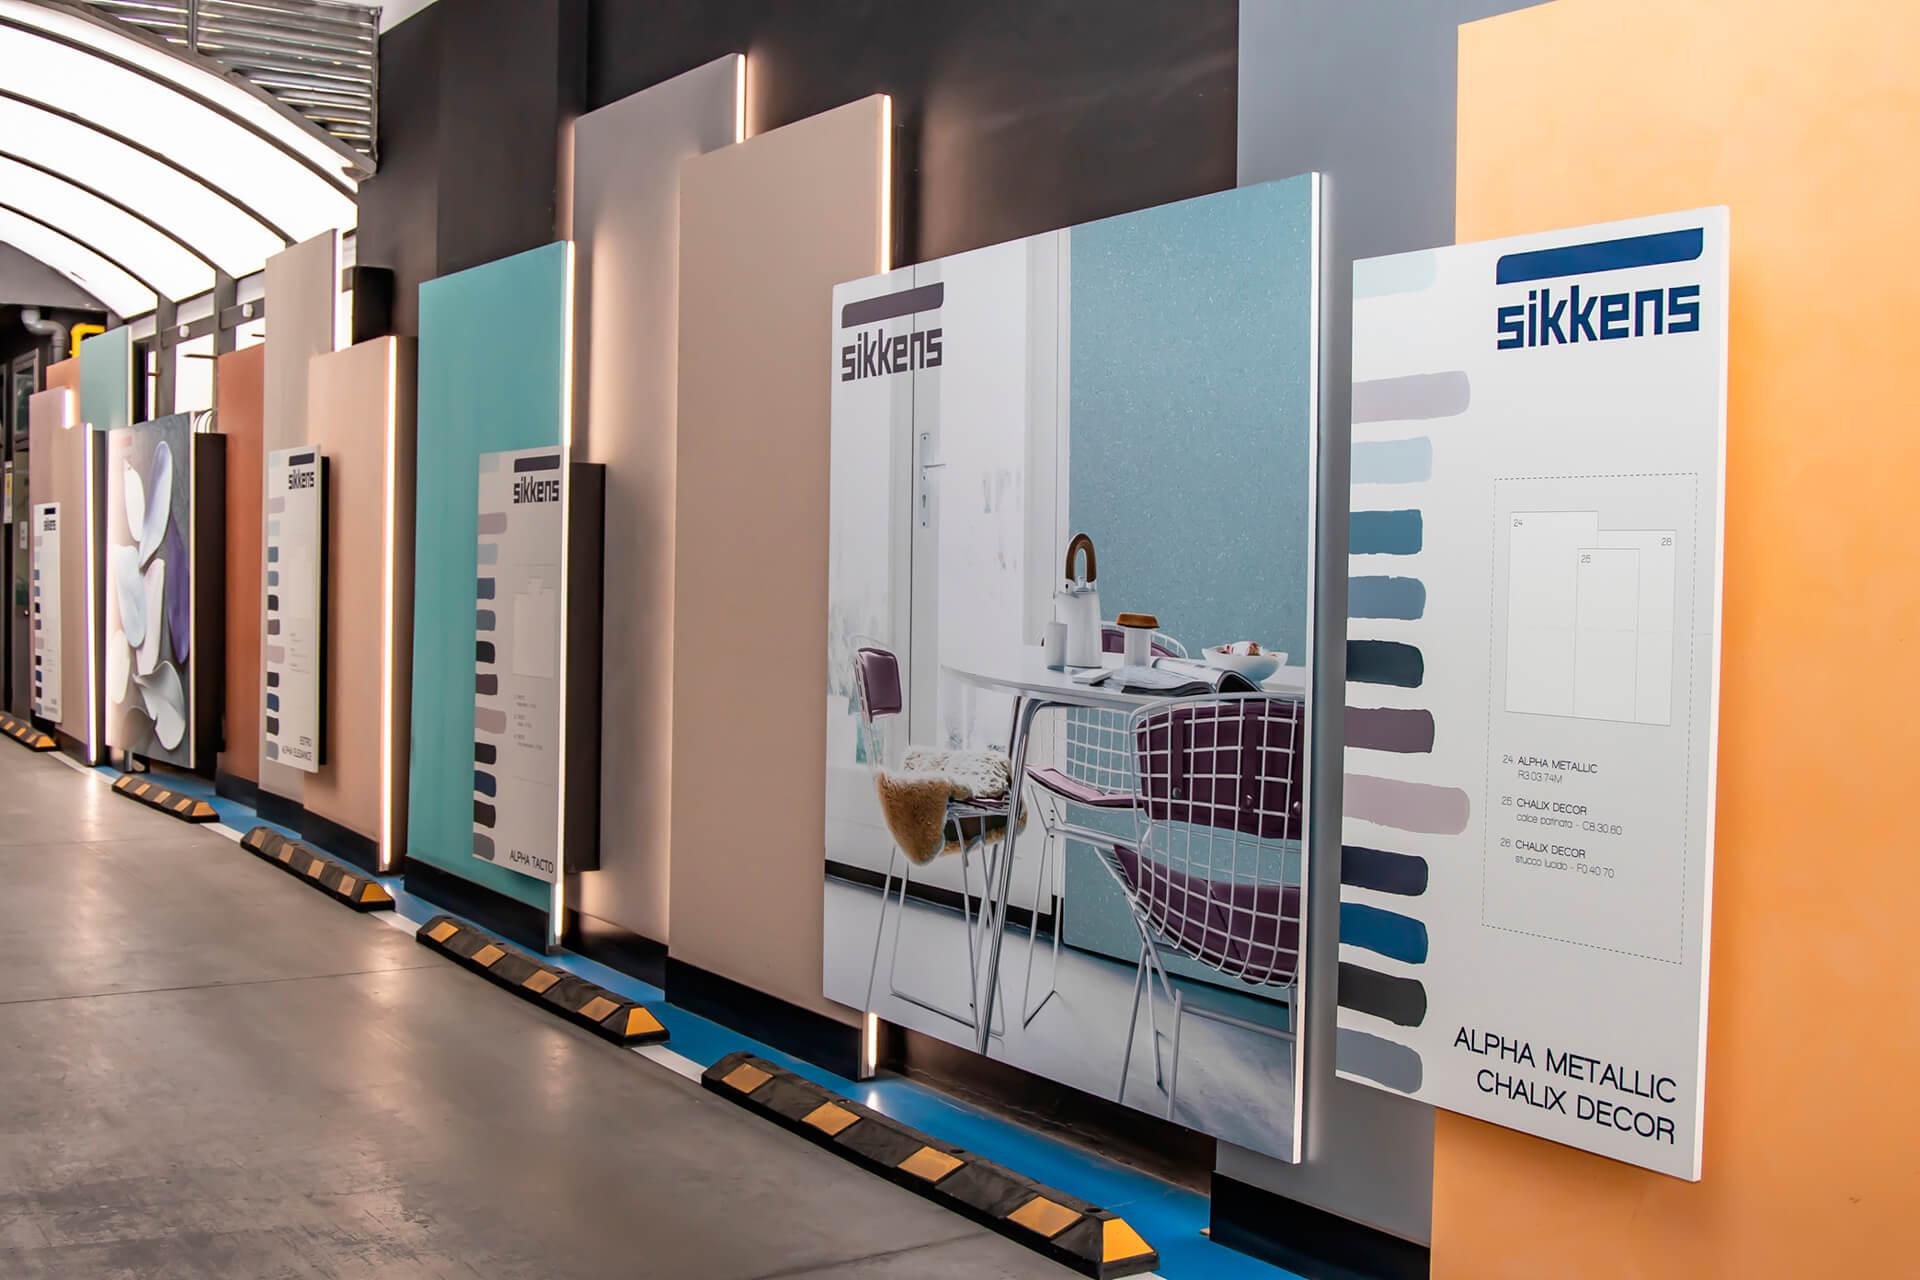 Cover Diffusion rivenditore Sikkens Torino